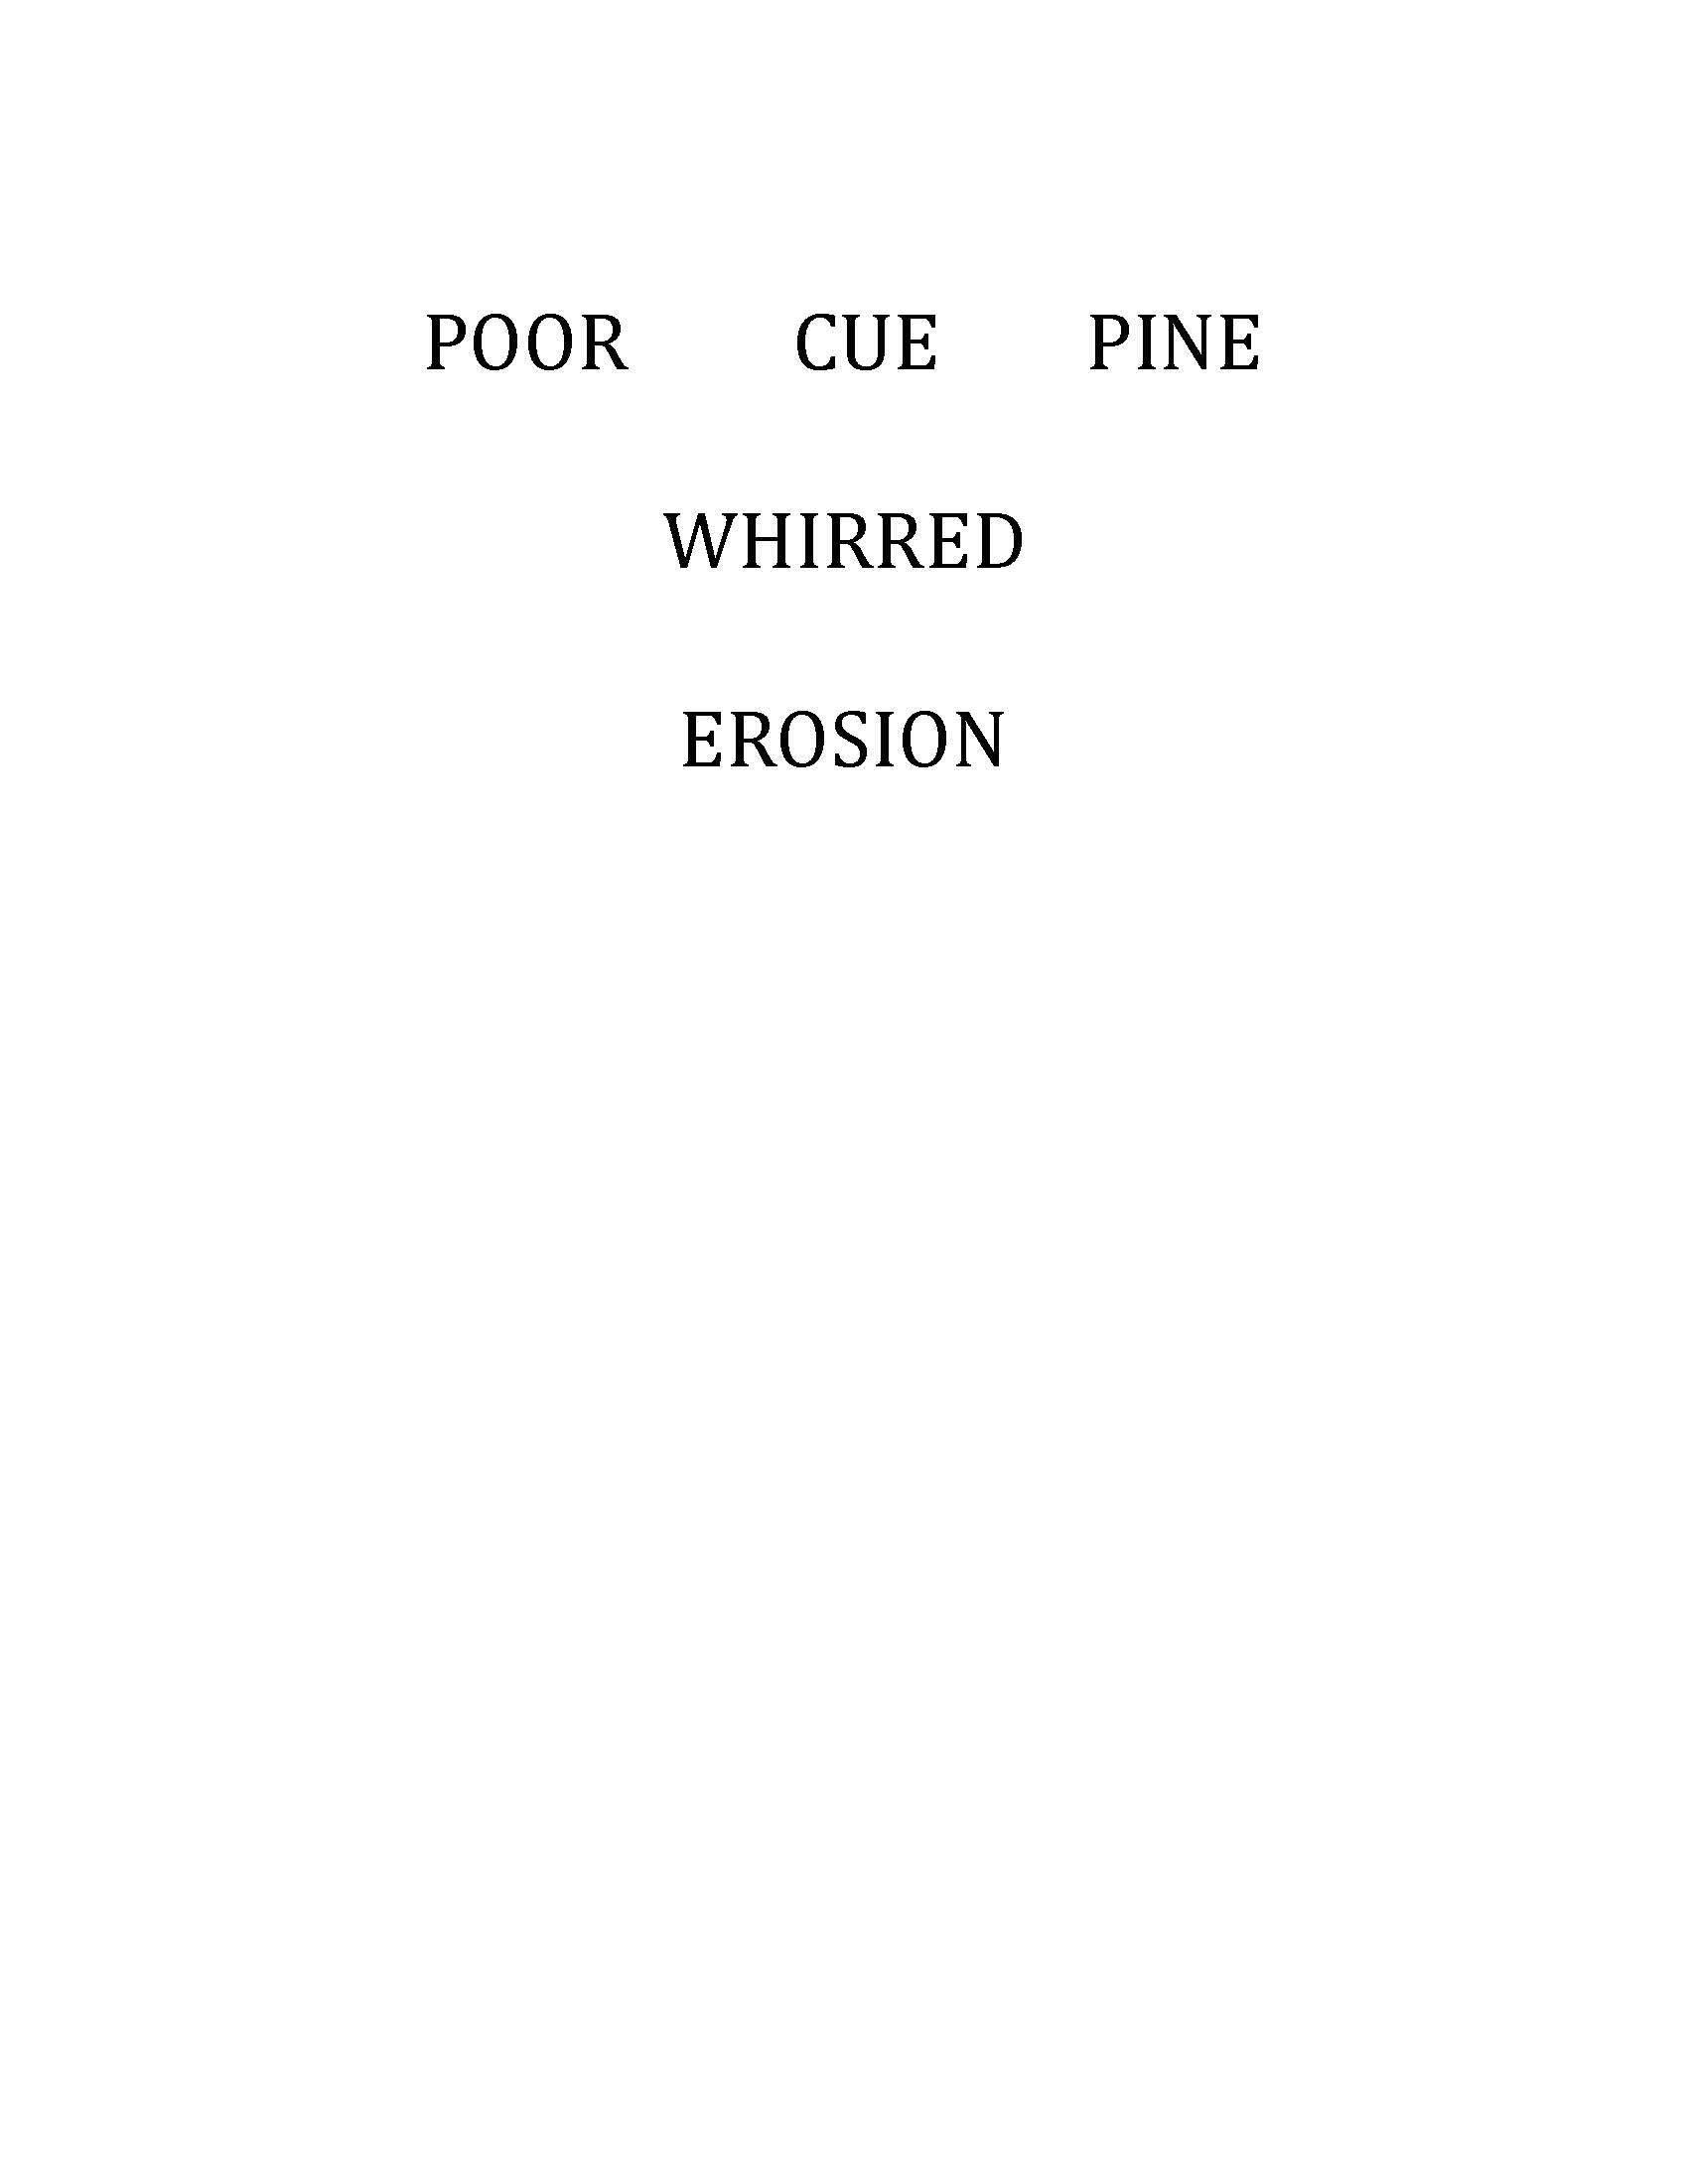 Yau Hoodie Poems original set_Page_4.jpg